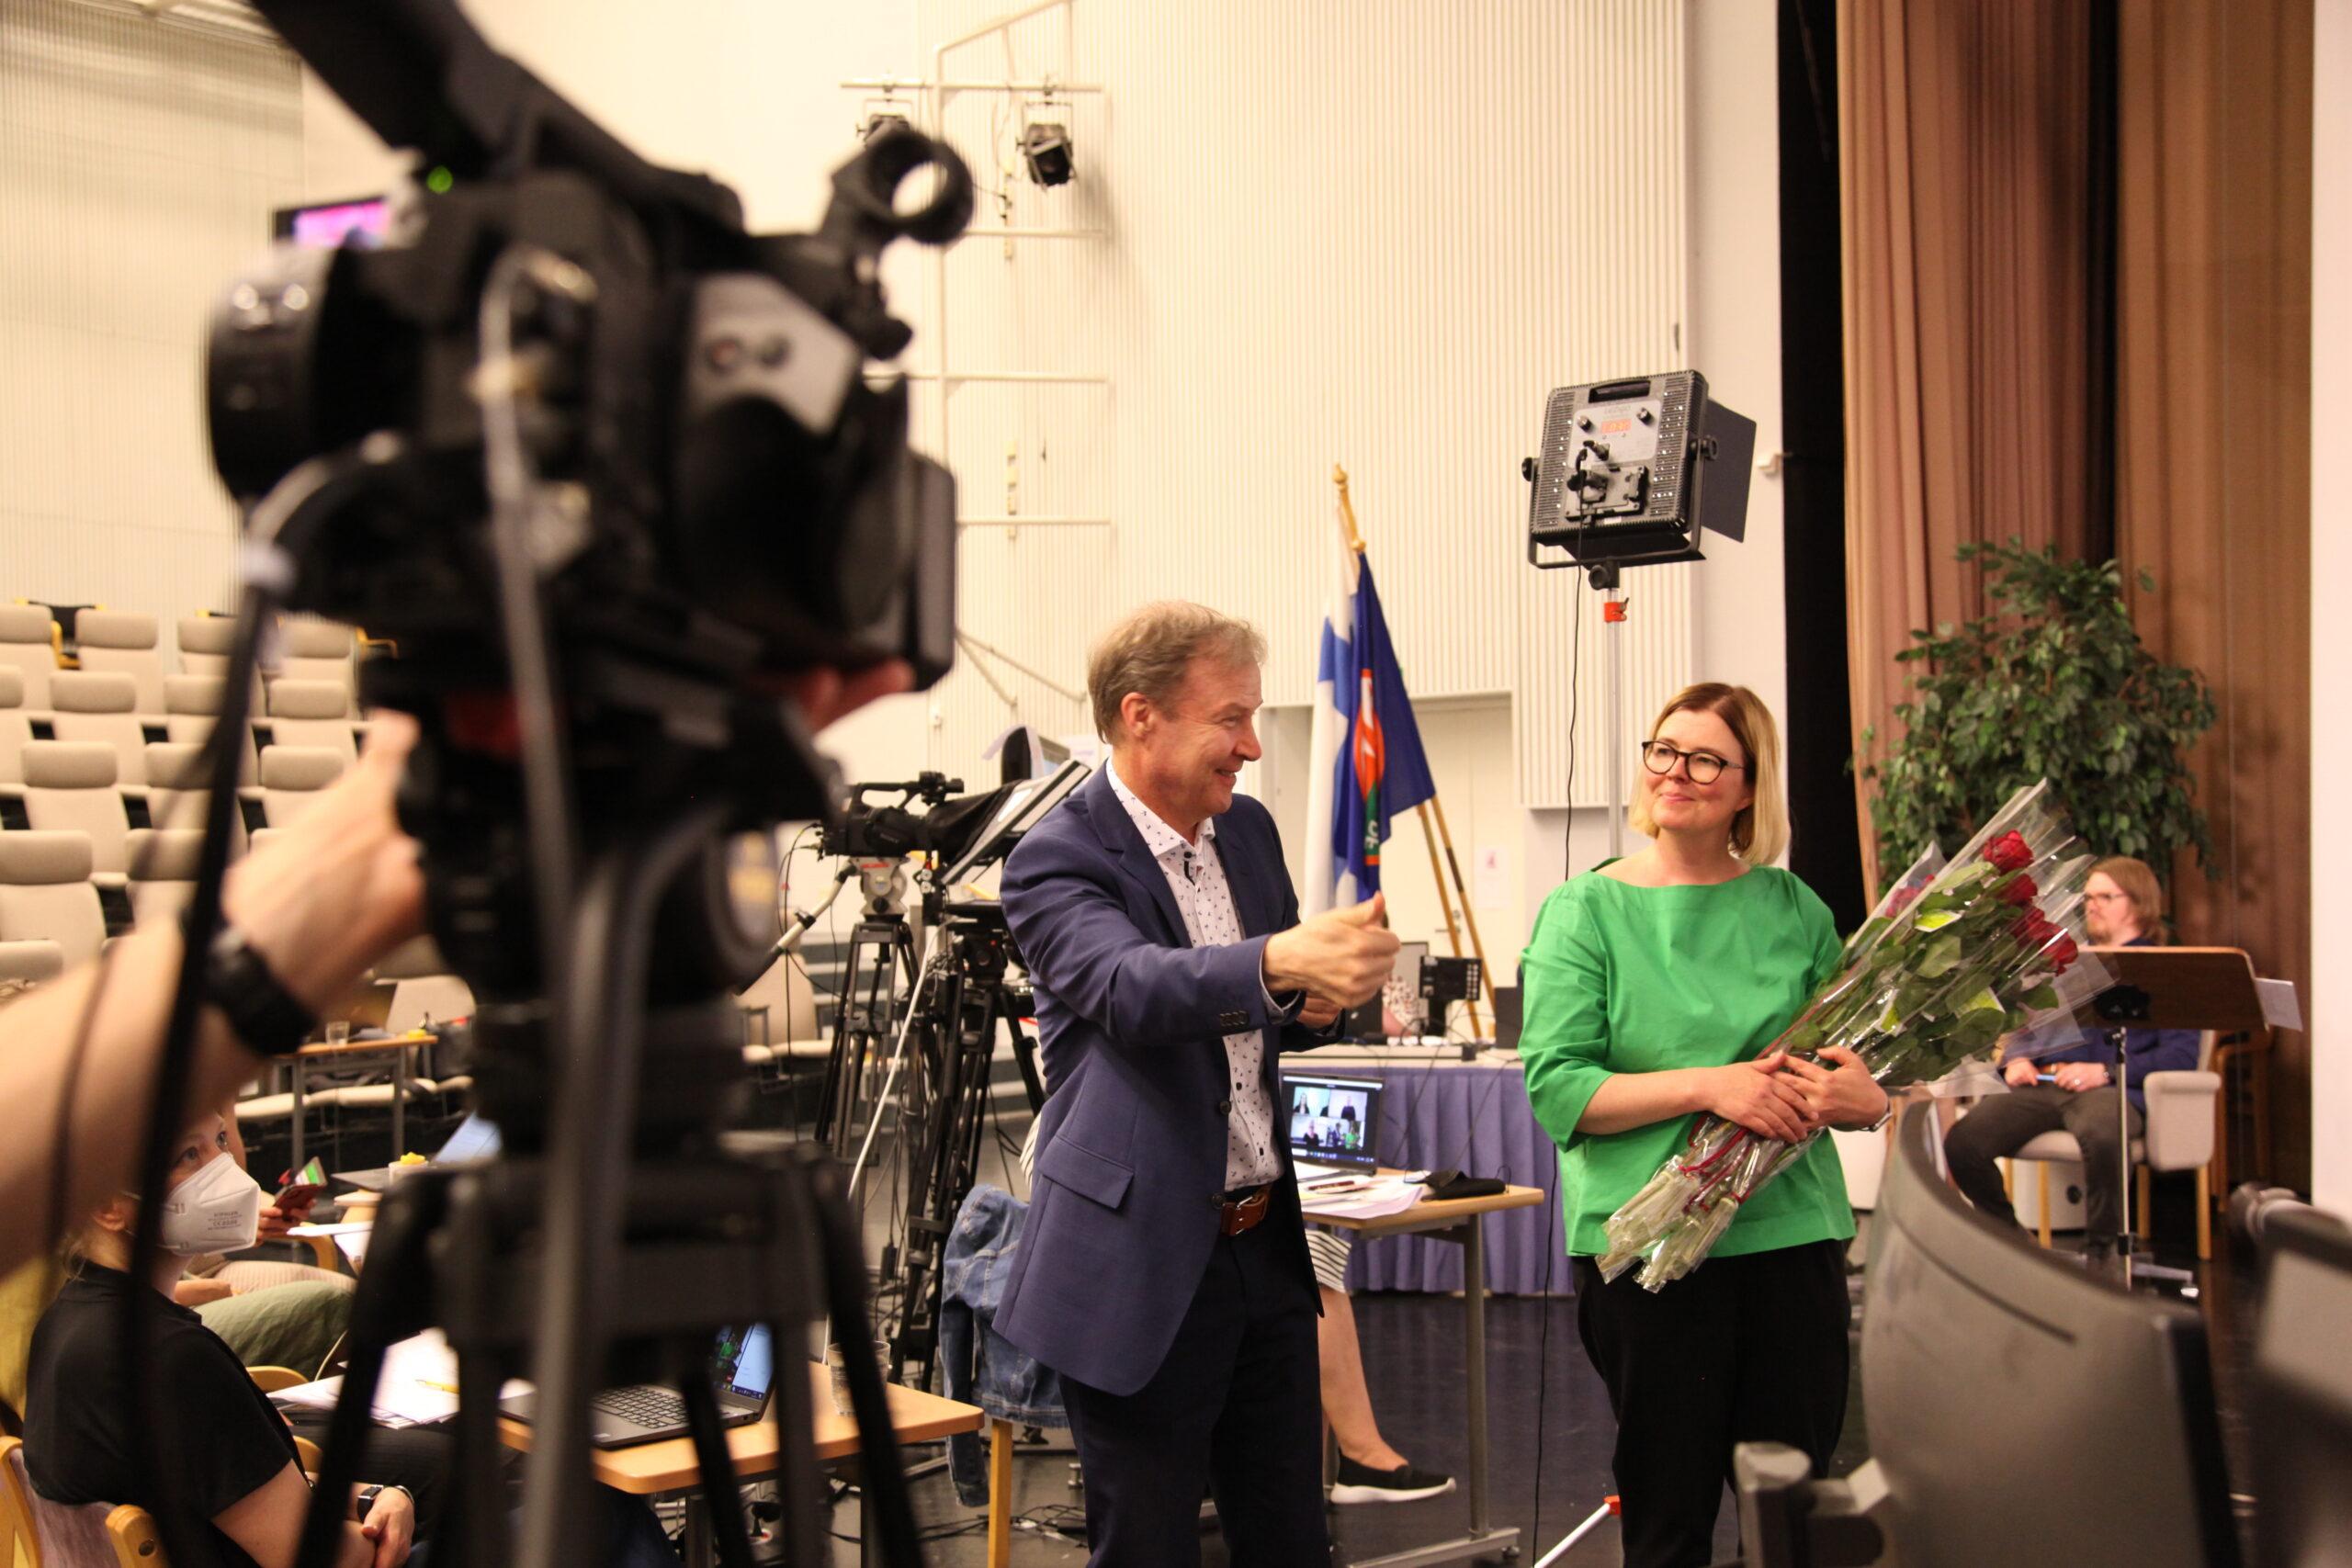 Markku Jokinen viittoo kiitoksia ja Kaisa Alanne pitää kädessää ruusunippua. Kuvan vasemmassa reunassa on kamera.